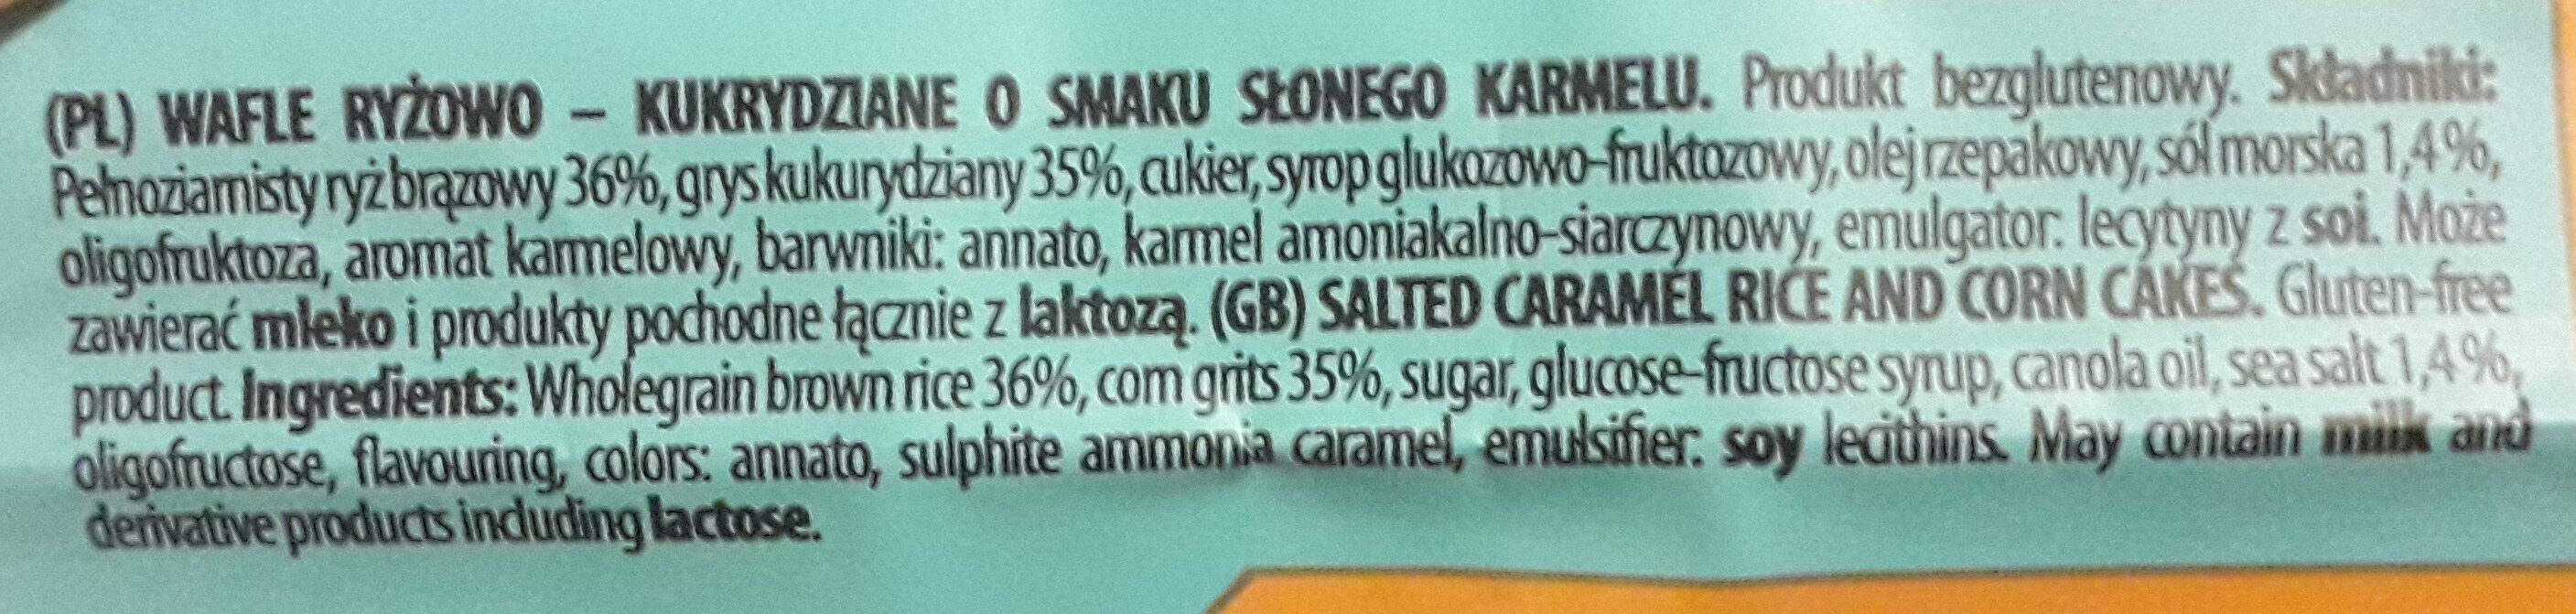 Wafle ryżowo-kukurydziane o smaku słonego karmelu - Ingrédients - pl